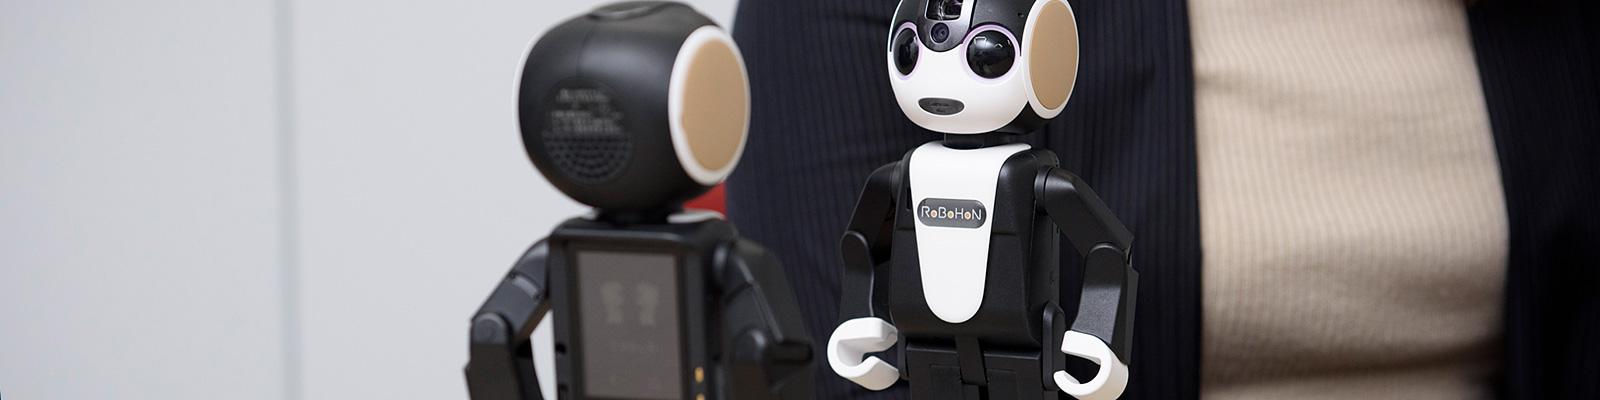 ロボット型スマートフォン「RoBoHoN(ロボホン)」